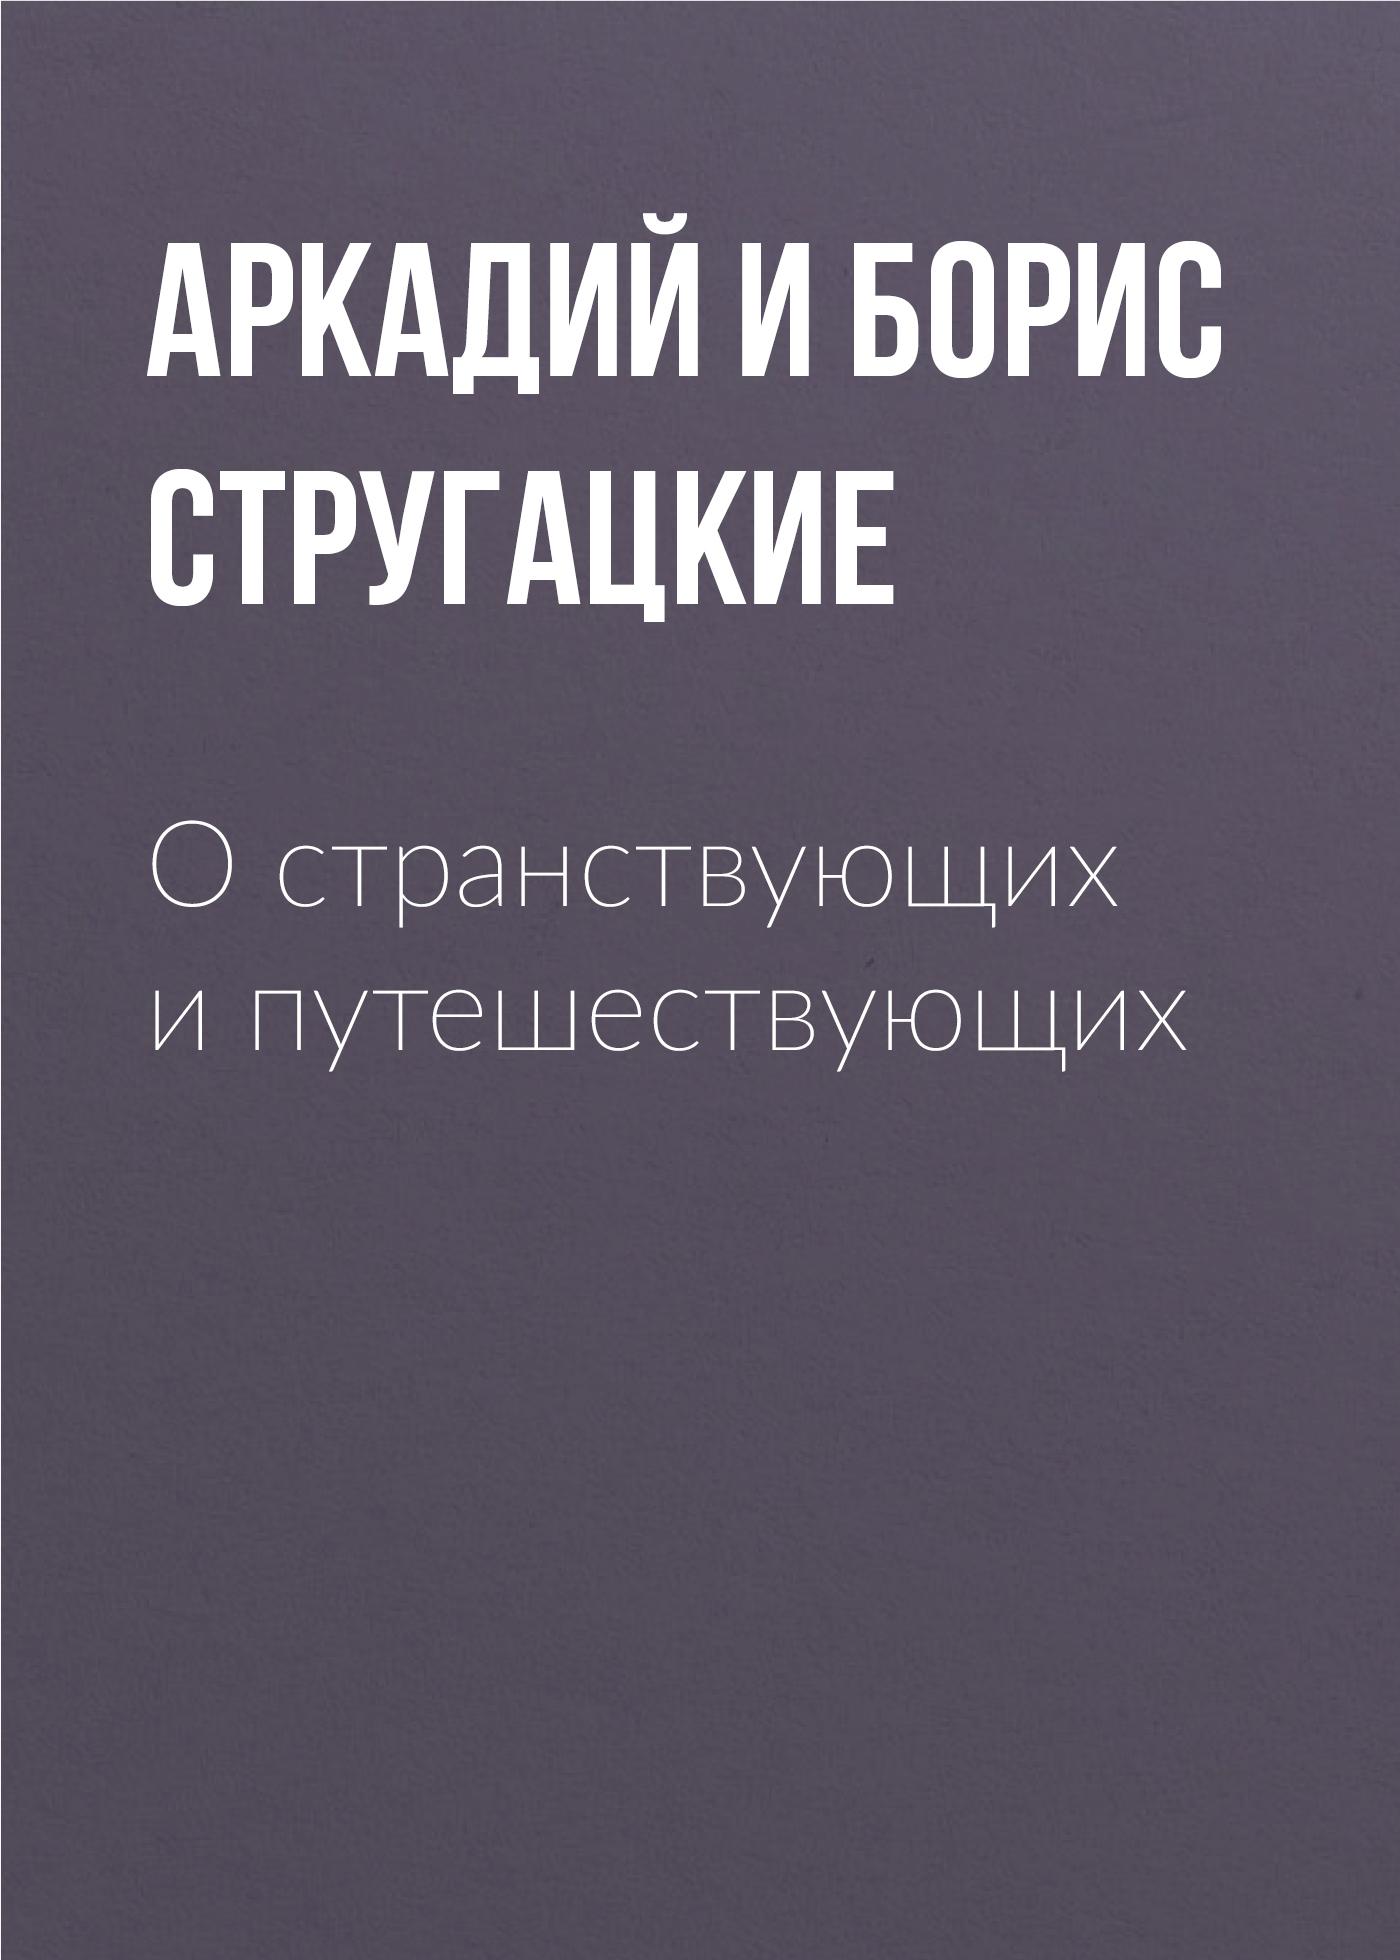 Аркадий и Борис Стругацкие О странствующих и путешествующих